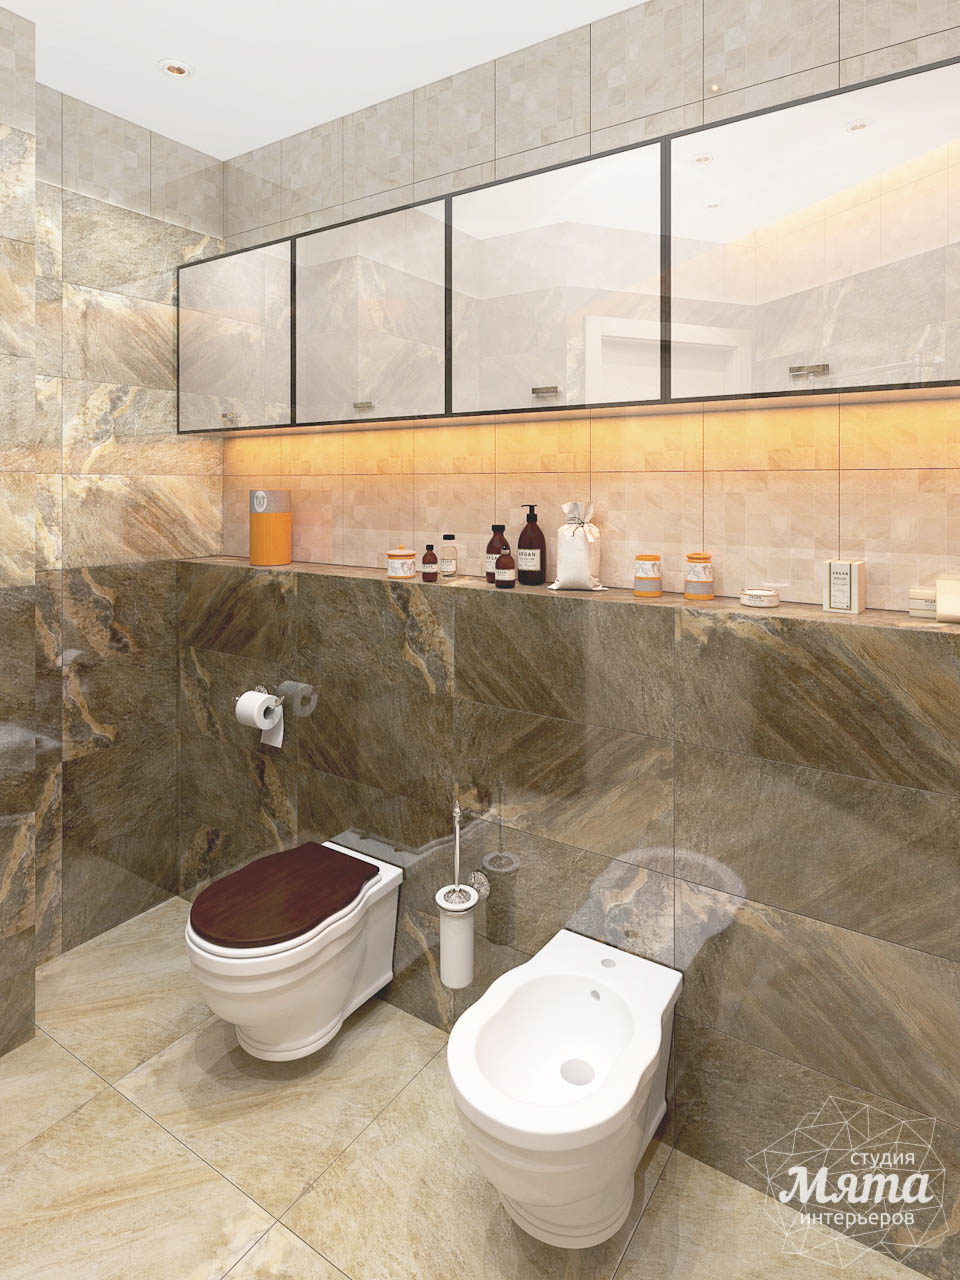 Дизайн интерьера коттеджа в п. Дубрава img1160285401